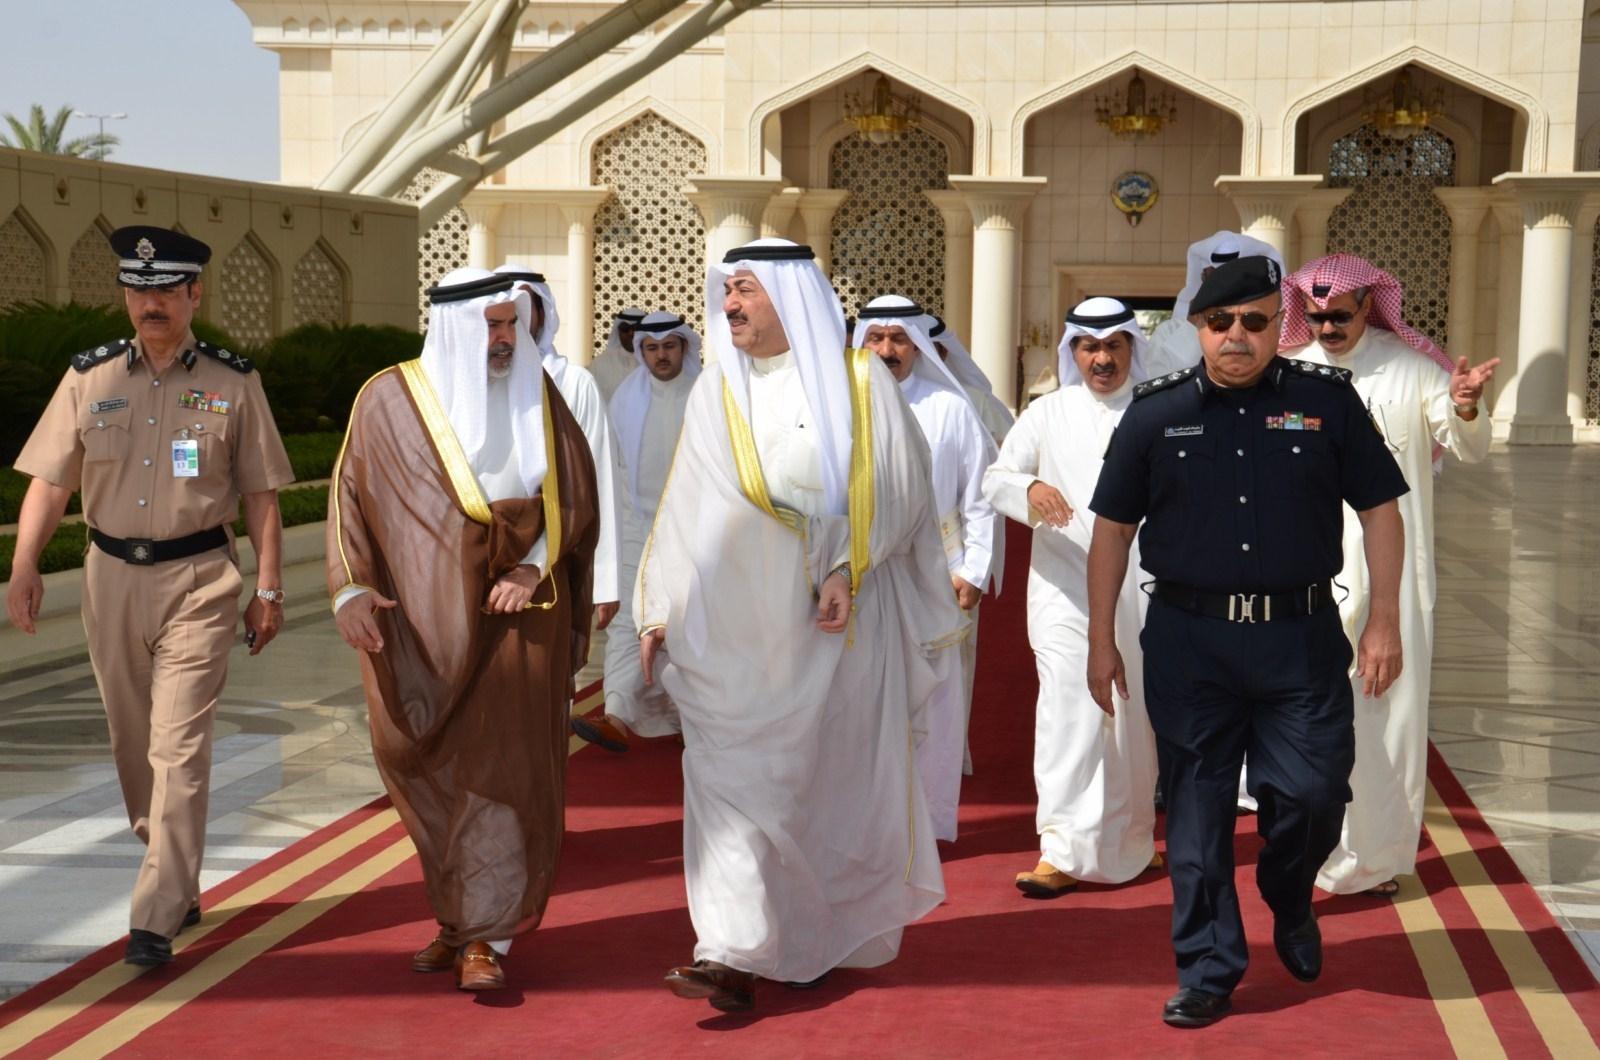 كونا الشيخ أحمد الحمود الامن هو الركيزة الأساسية لدعم مسيرة التنمية في دول التعاون الدفاع 23 04 2013